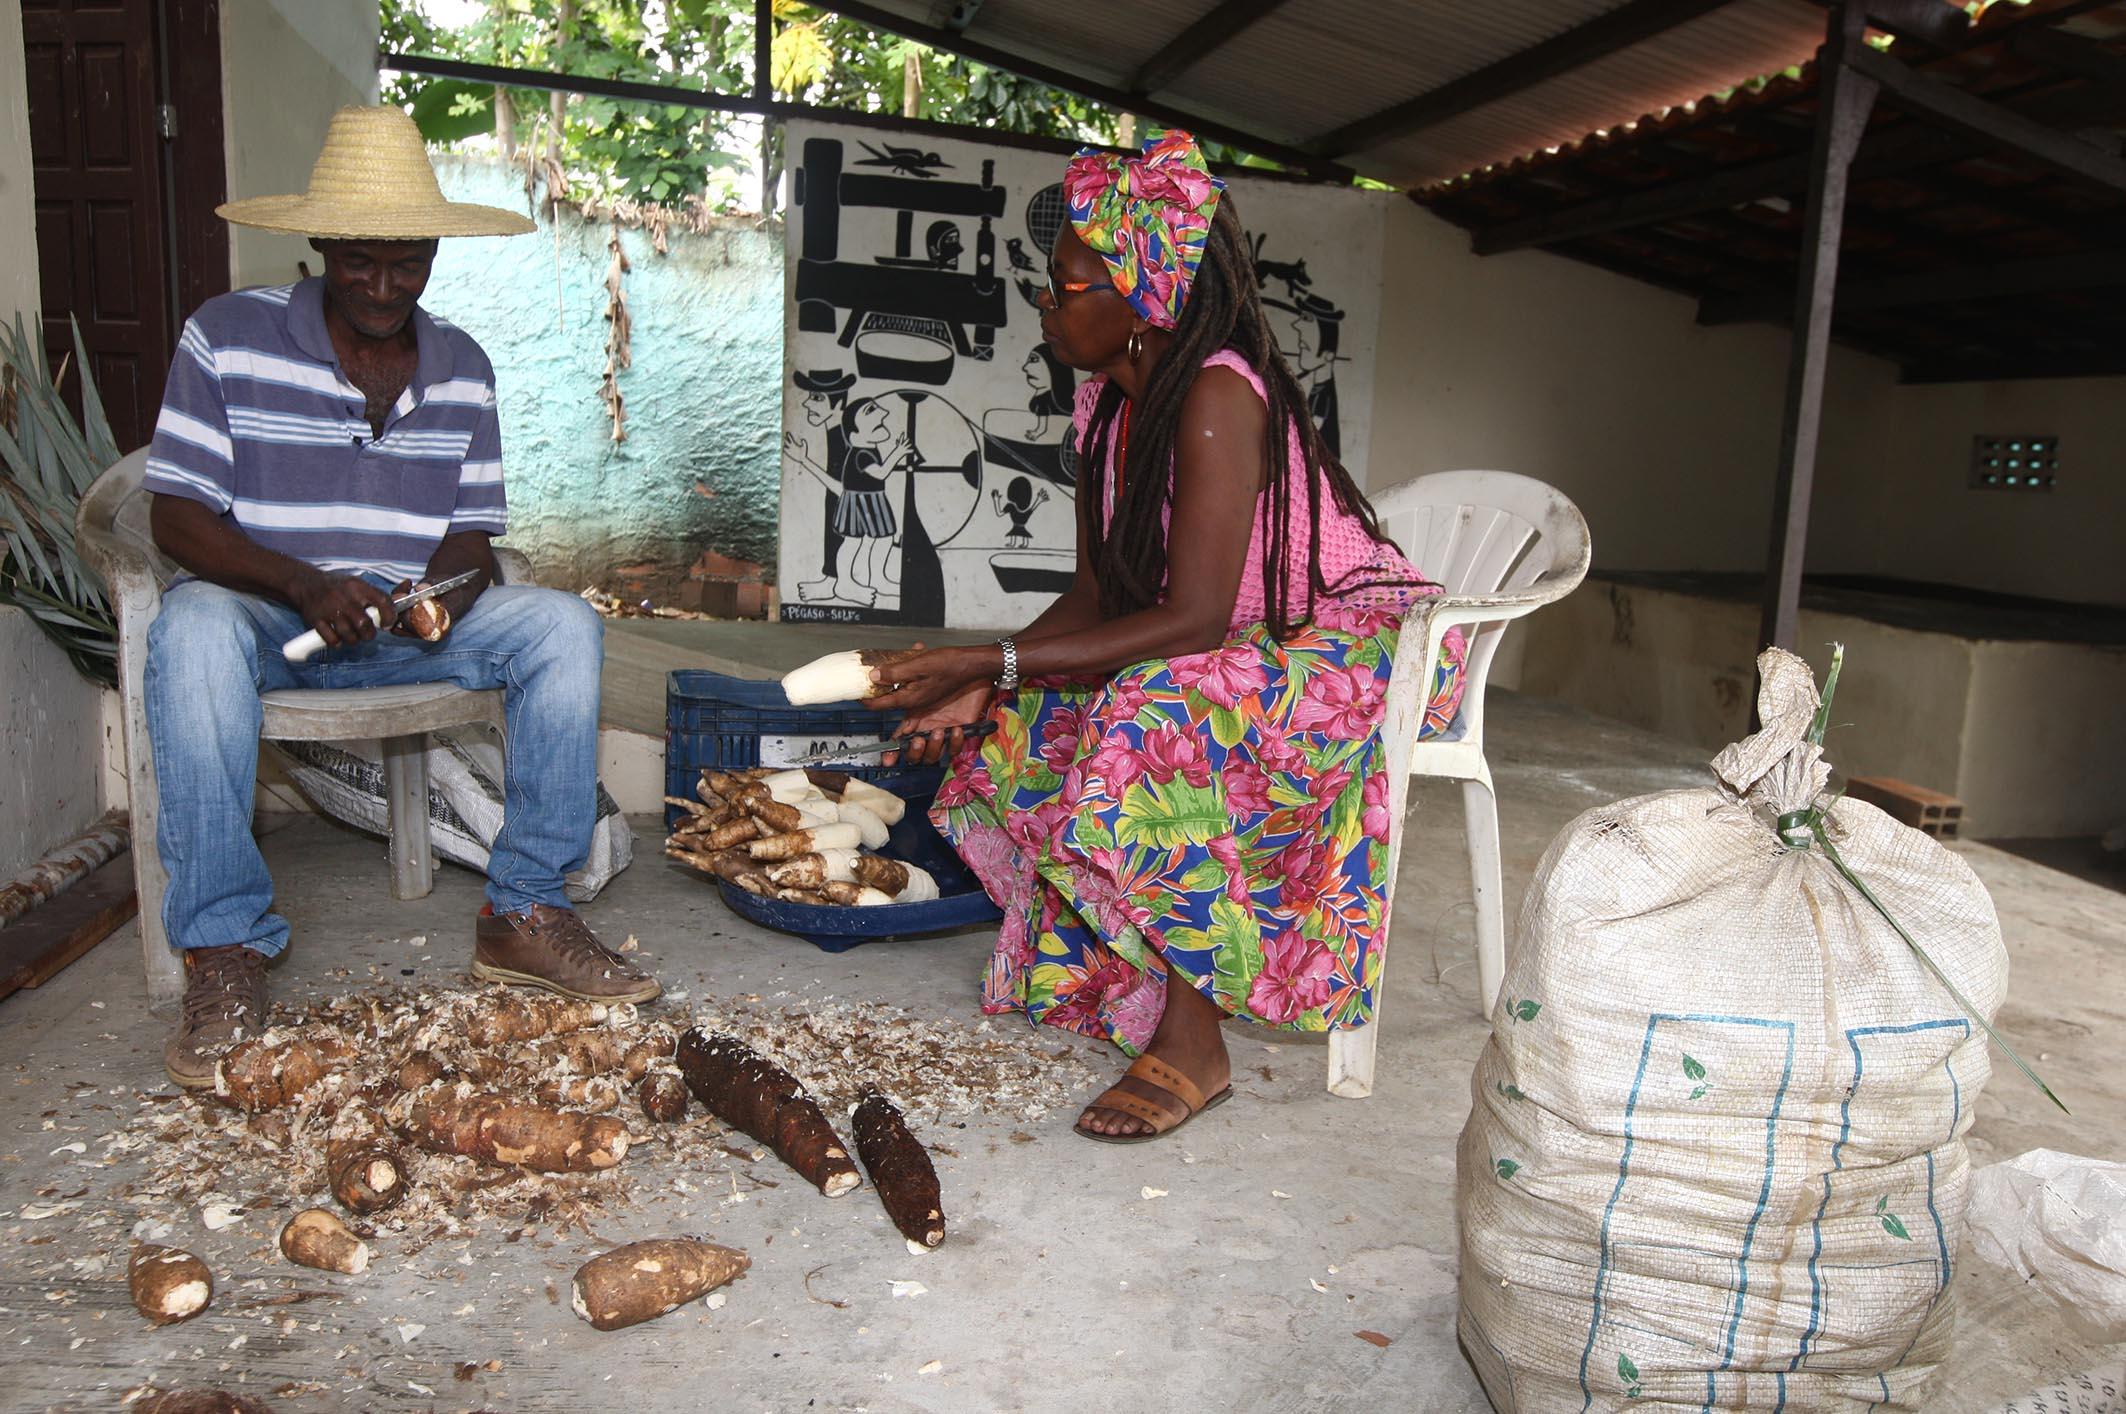 casa de farinha em quilombo de cordoaria